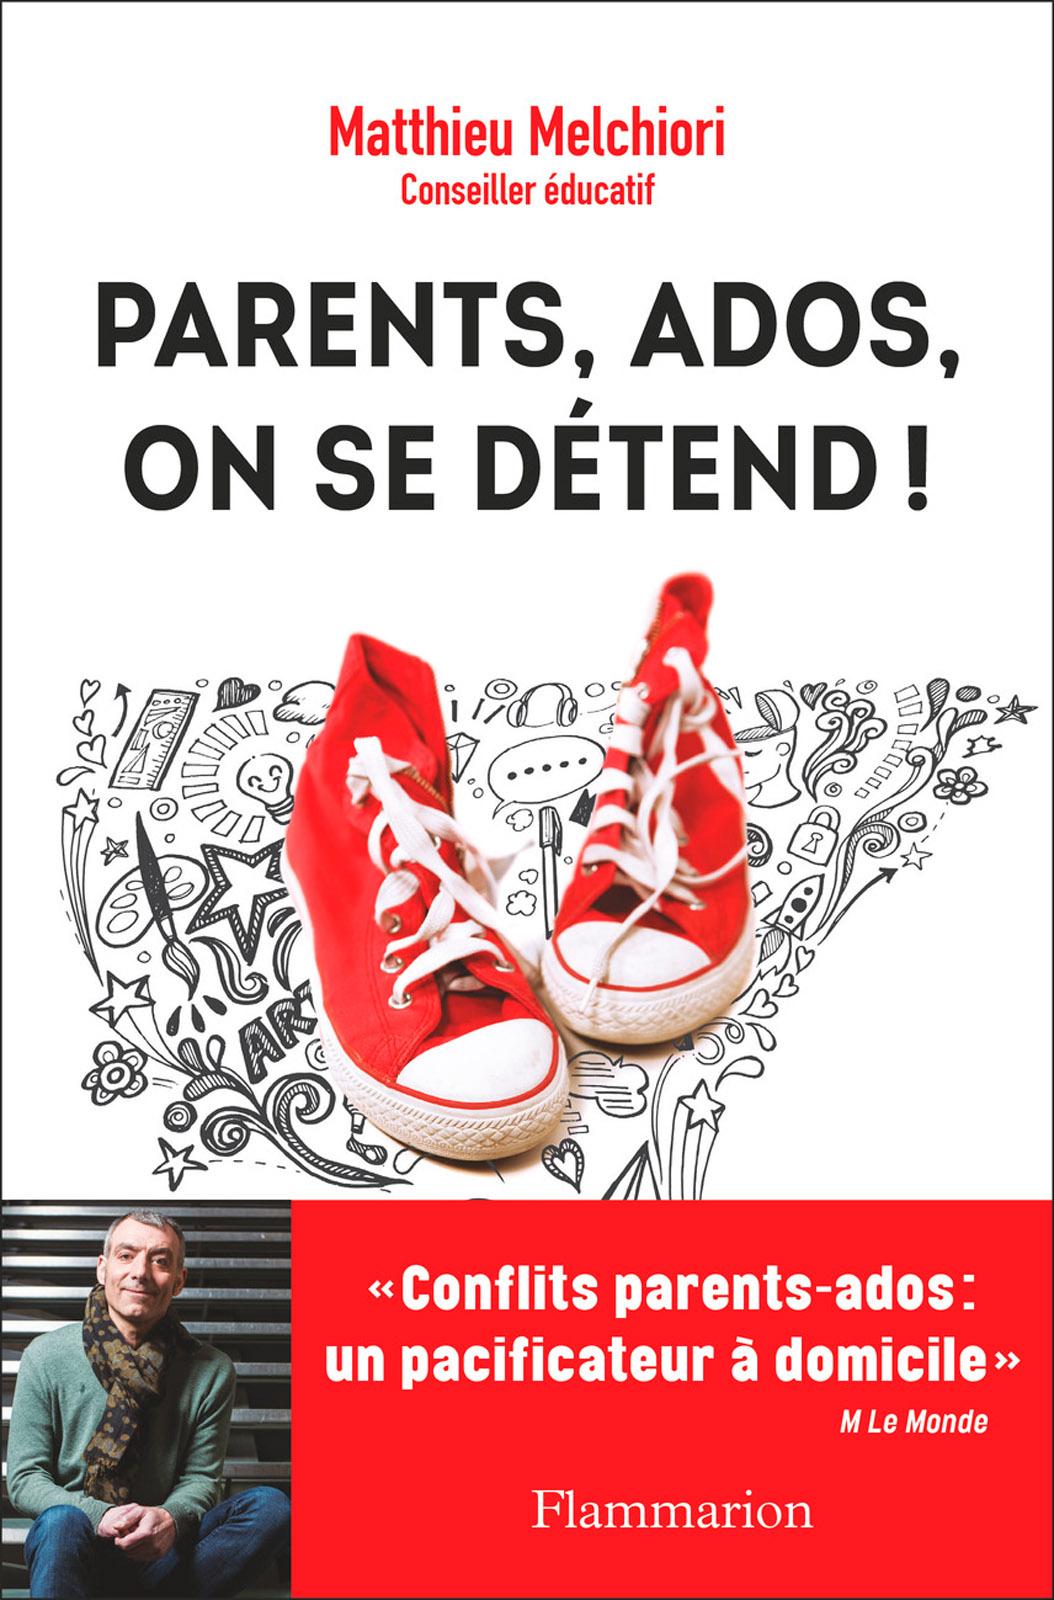 Parents, ados, on se détend ! |